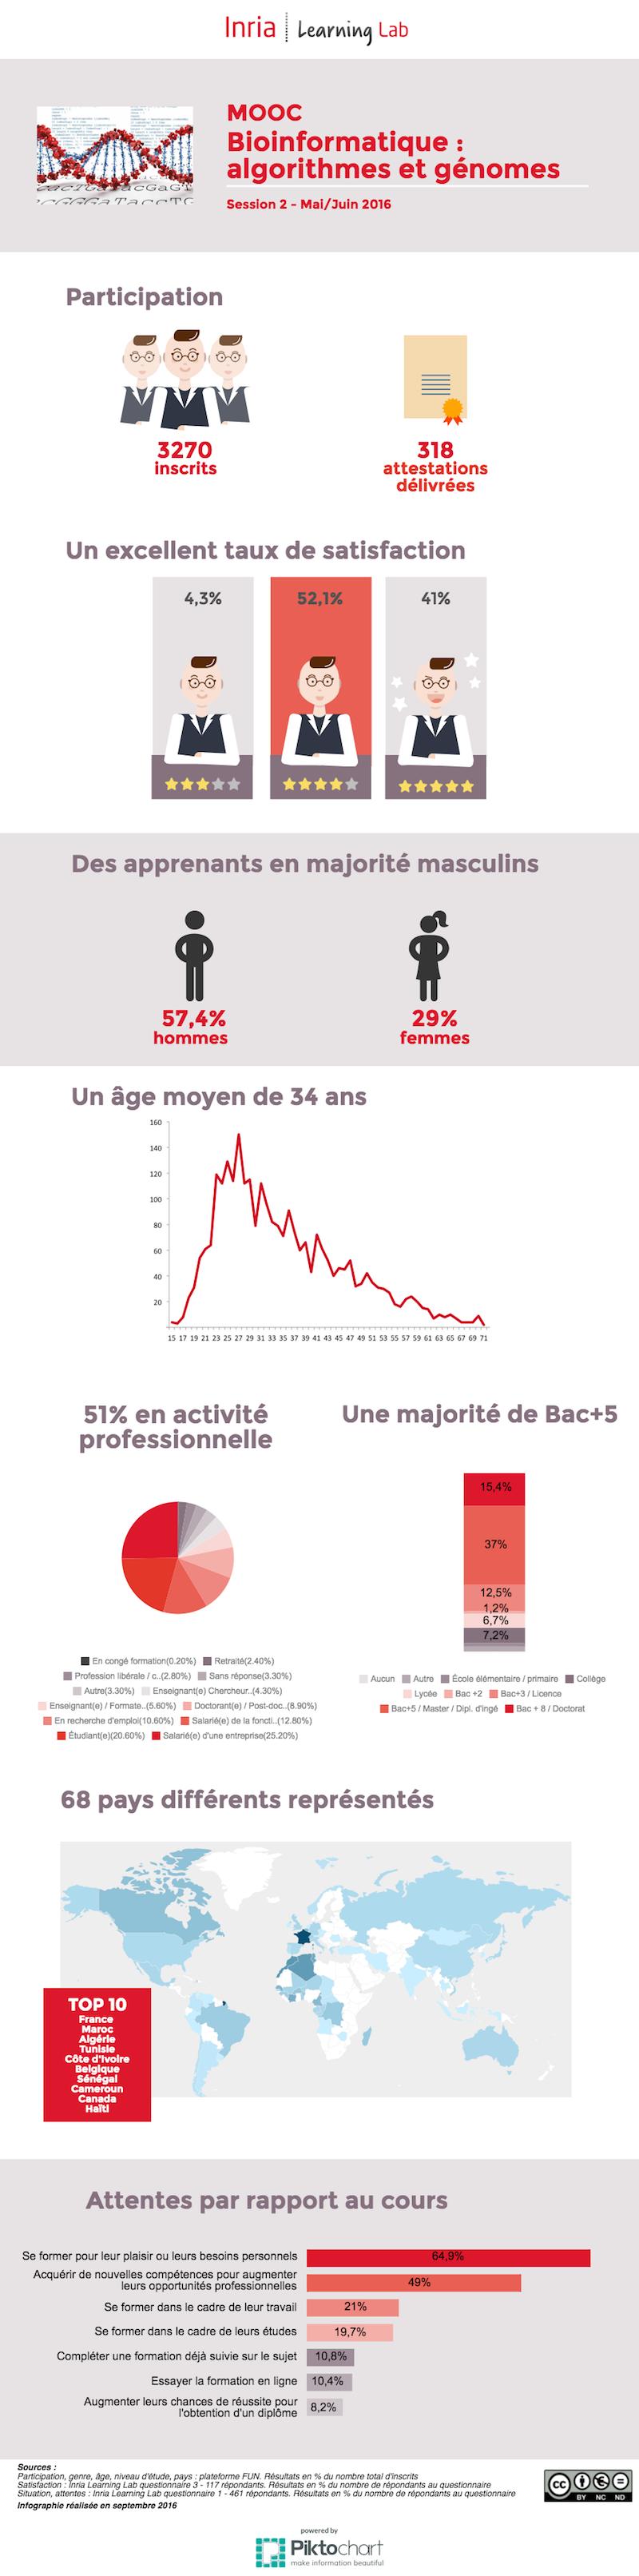 Infographie : MOOC Bioinformatique session 2